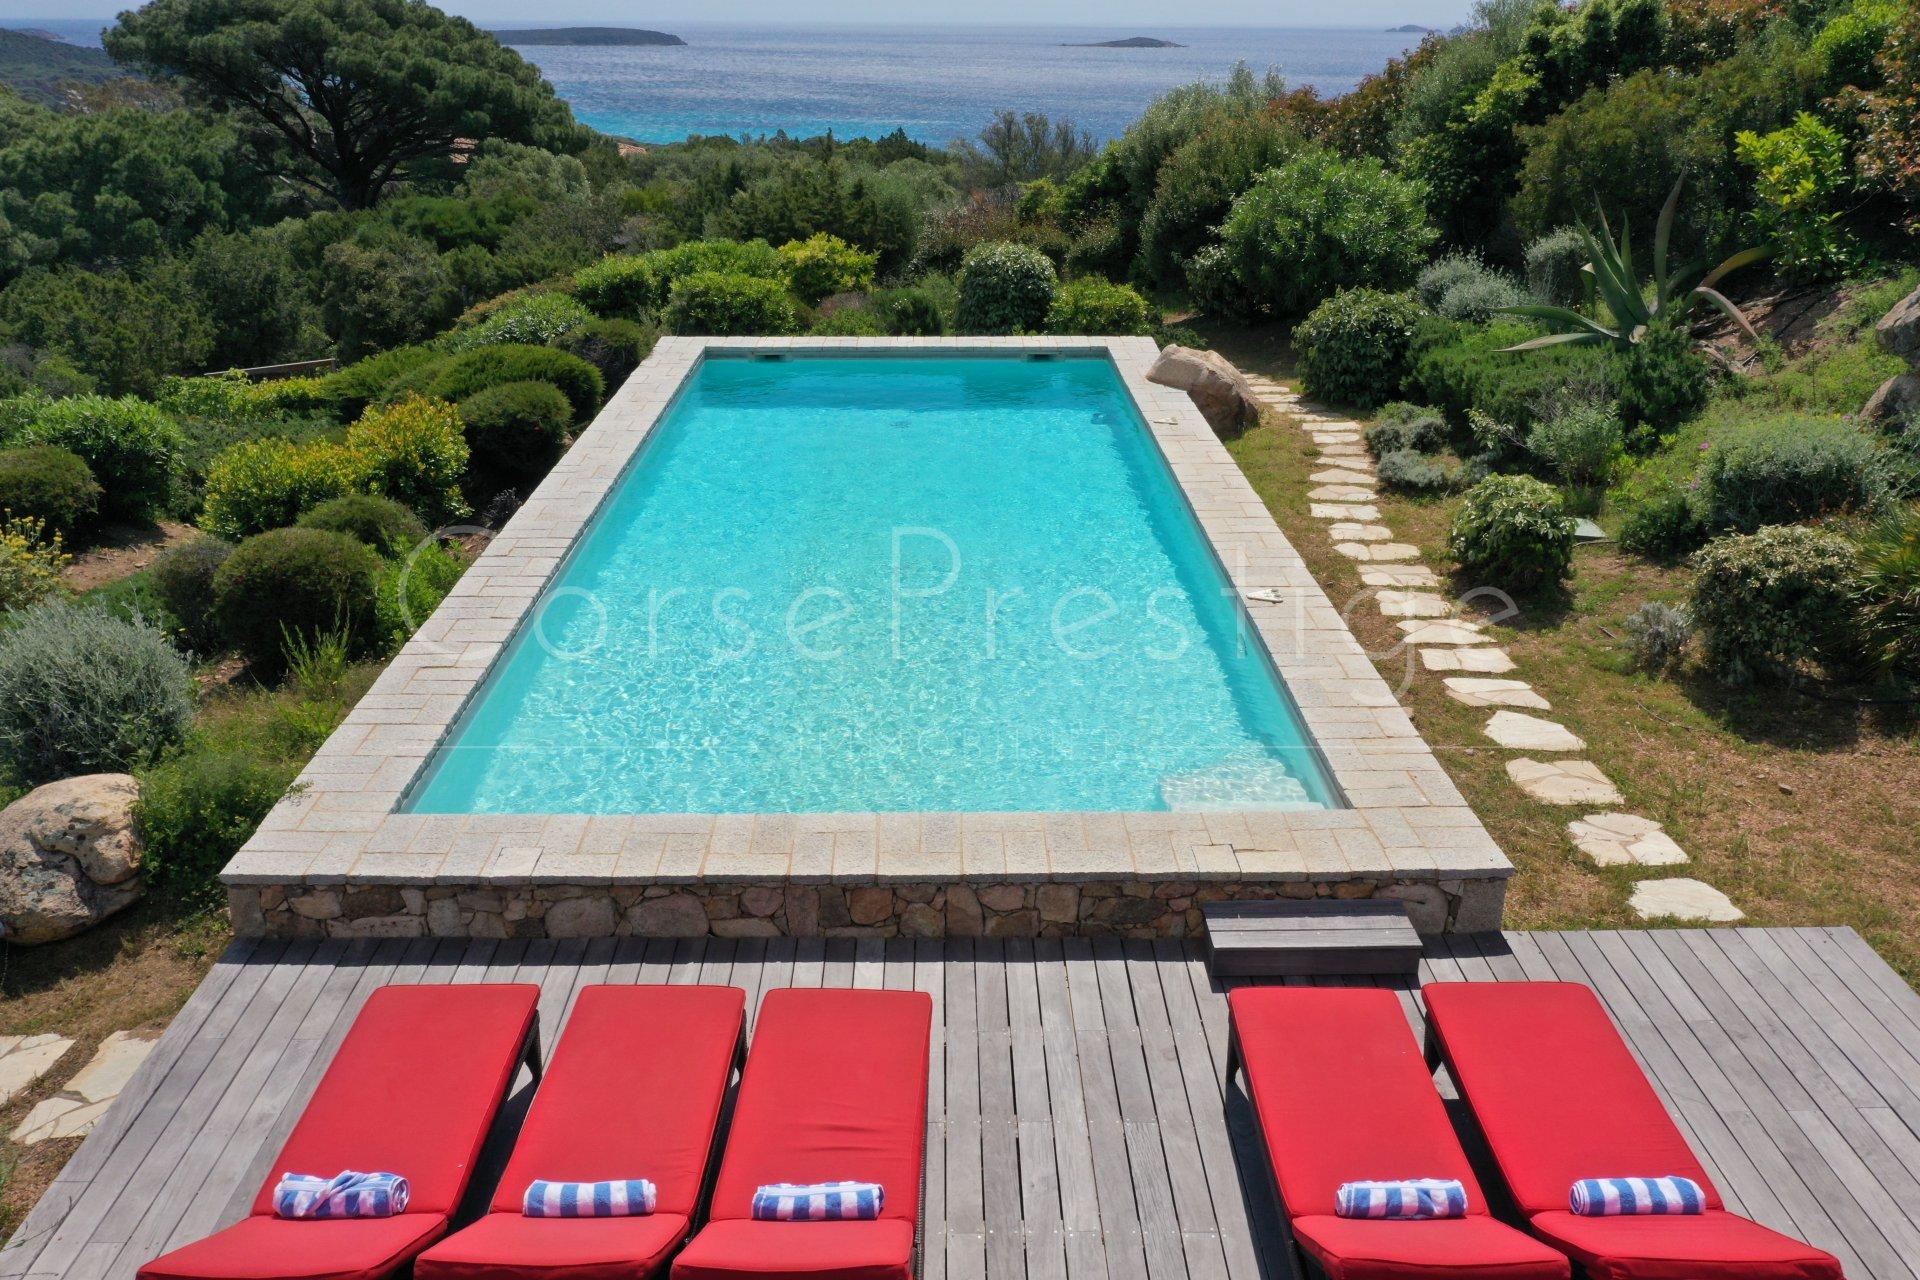 luxury villa for rent in corsica - porto vecchio - palombaggia image1